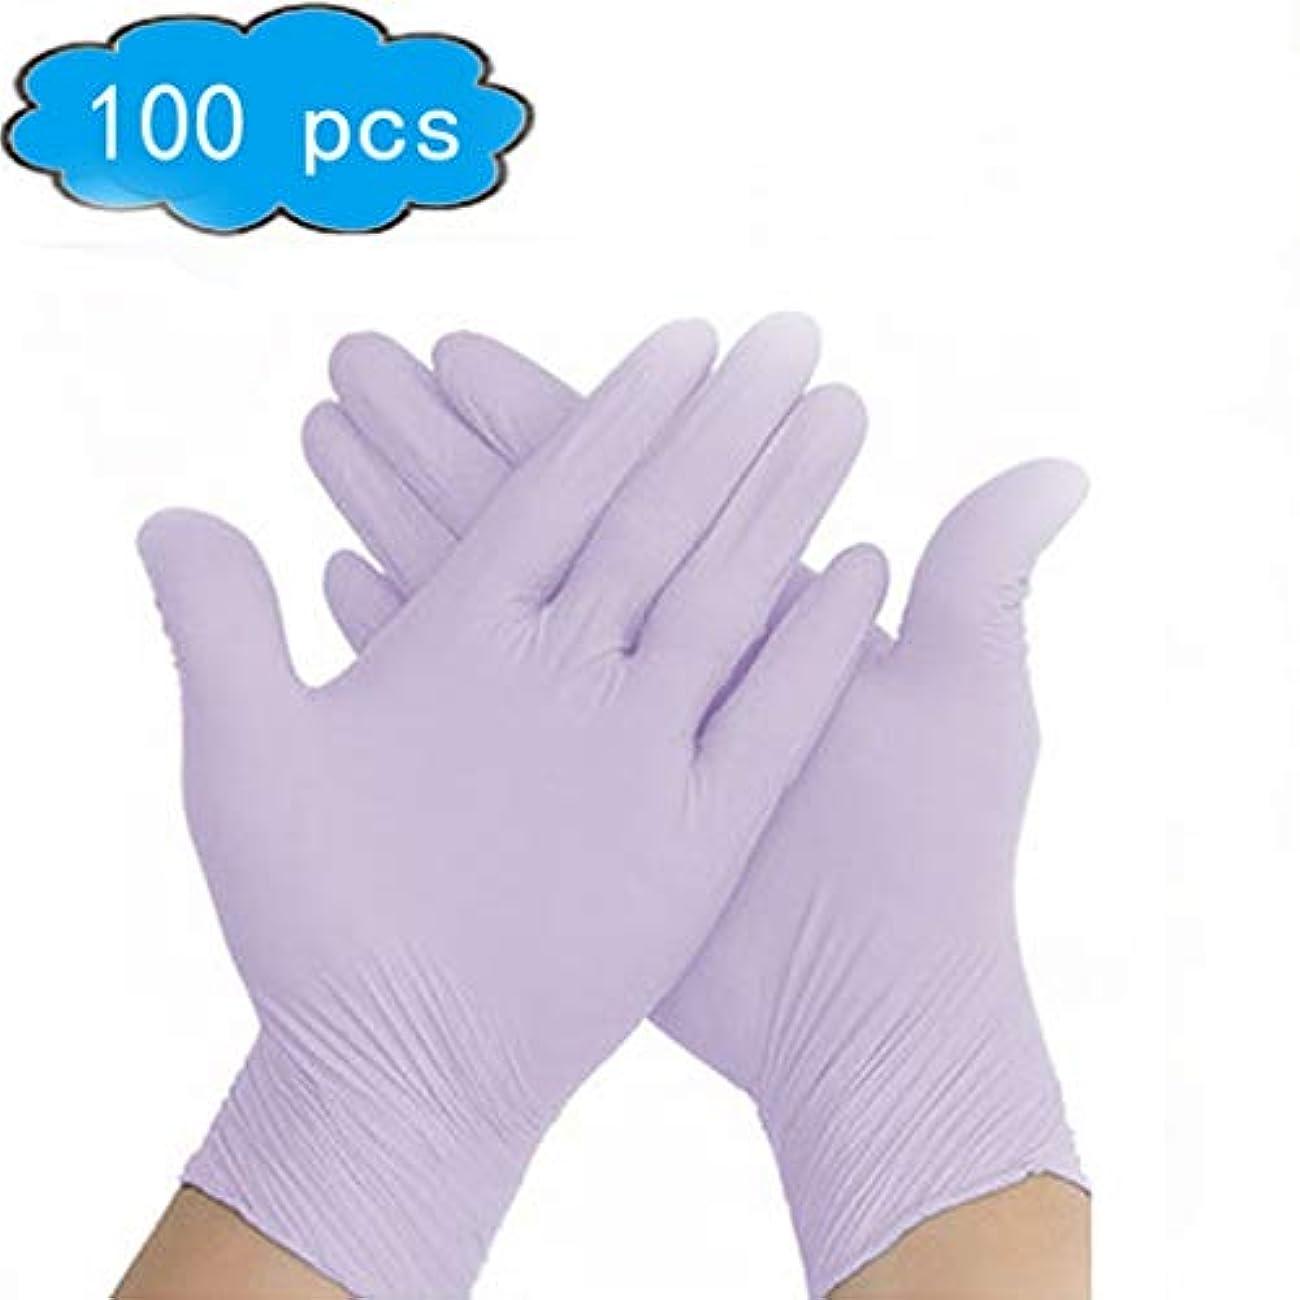 音声しなやかなお世話になったニトリル手袋 - 医療用グレード、パウダーフリー、使い捨て、非滅菌、食品安全、テクスチャード加工、紫色、便利なディスペンサーパッケージ100、中サイズ、サニタリー手袋 (Color : Purple, Size : L)